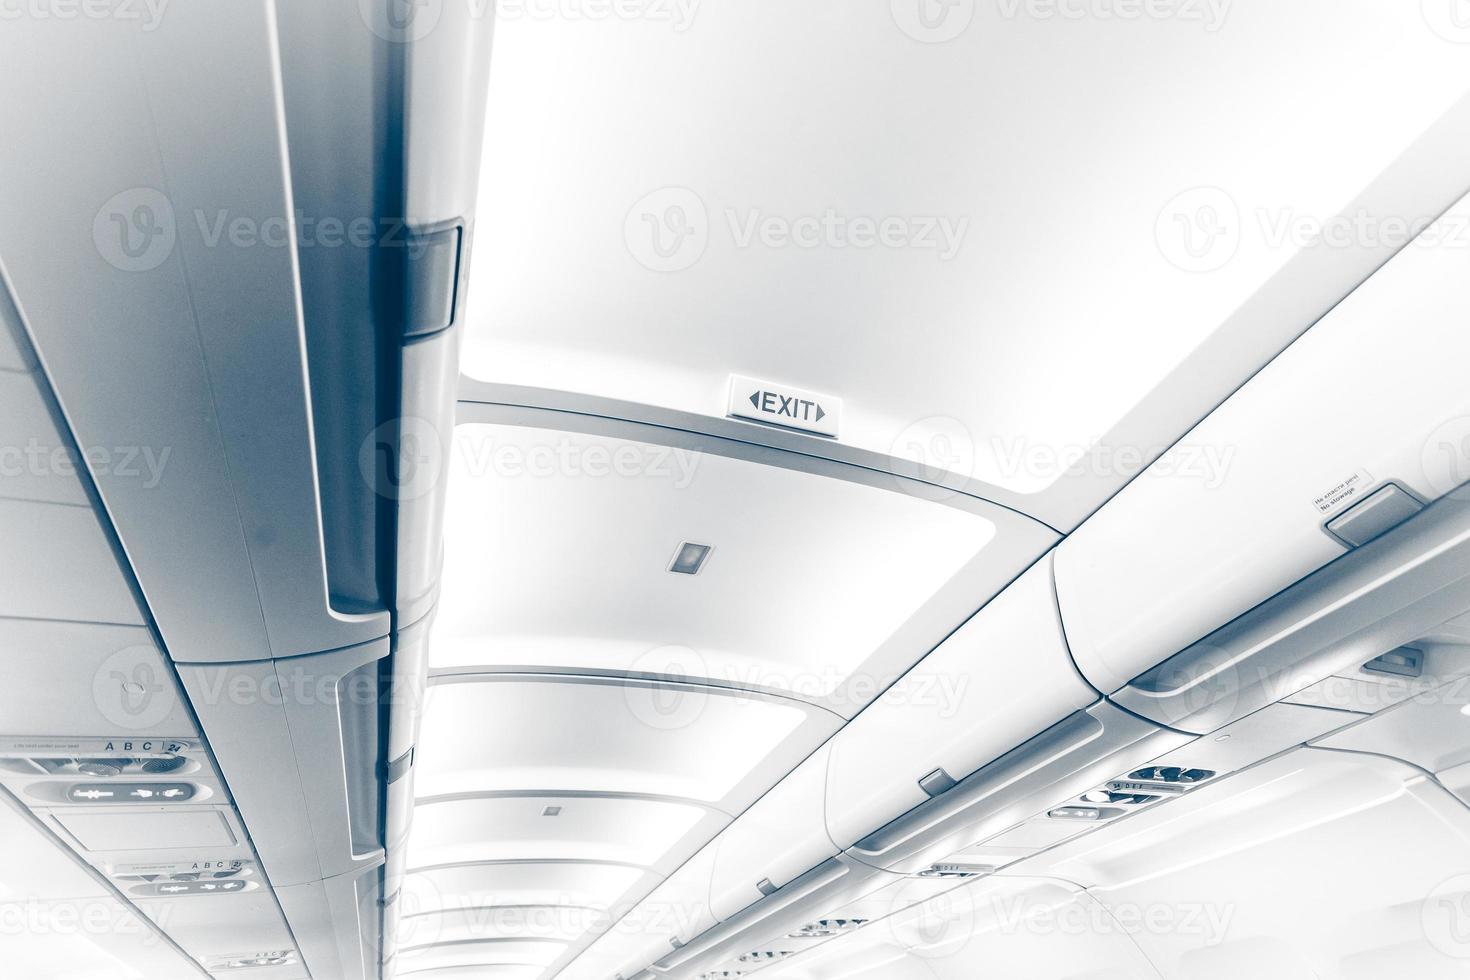 lungo soffitto in aereo con segnale di uscita foto